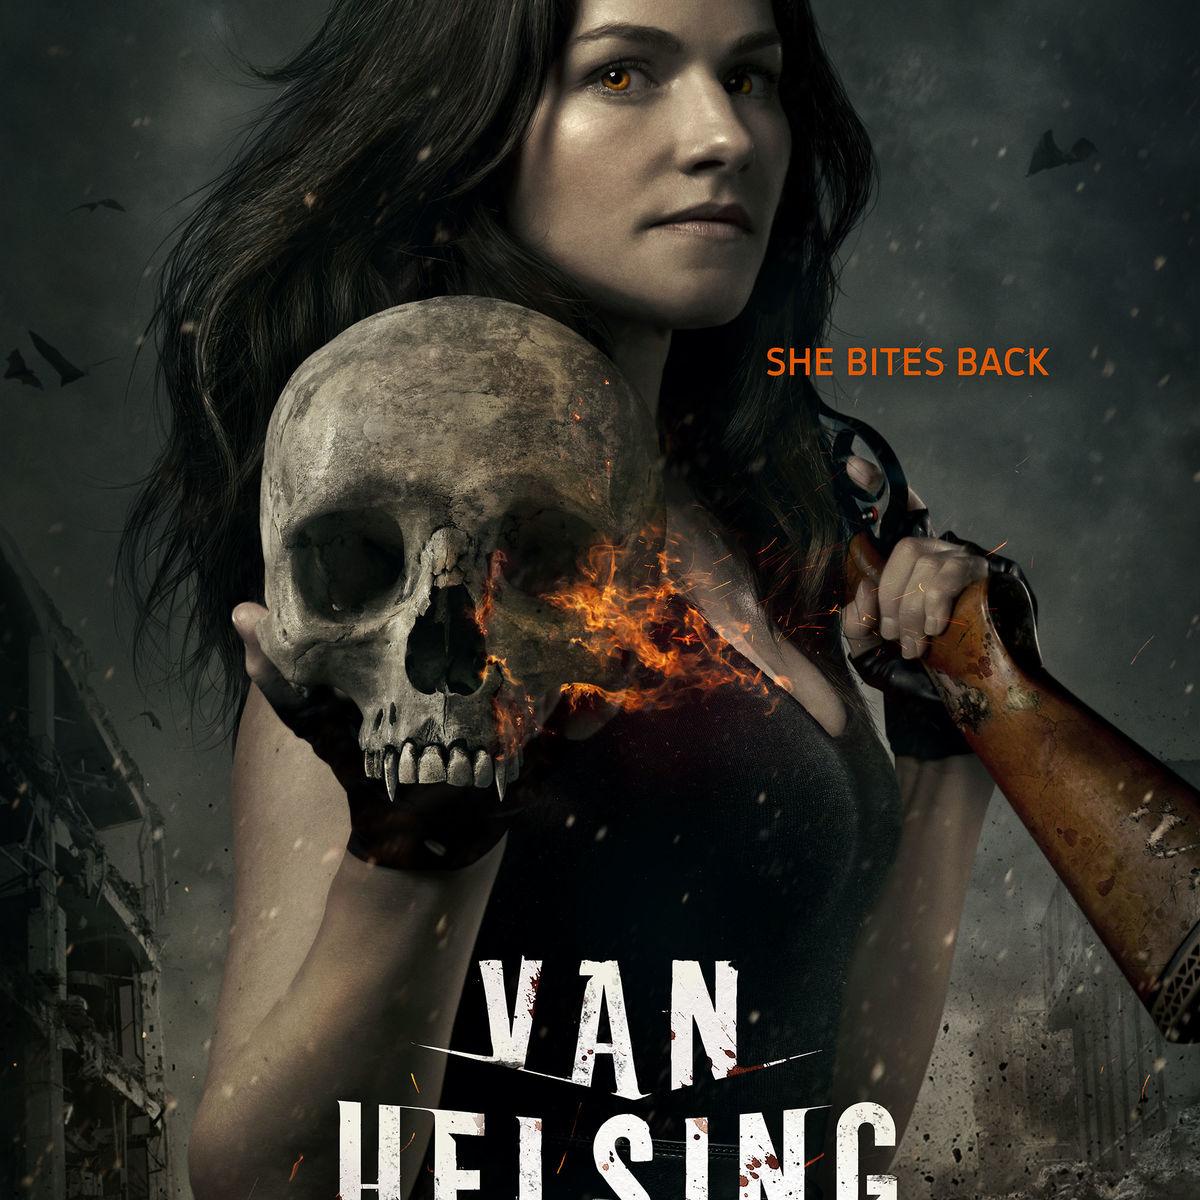 van_helsing_poster_notunein_1.jpg